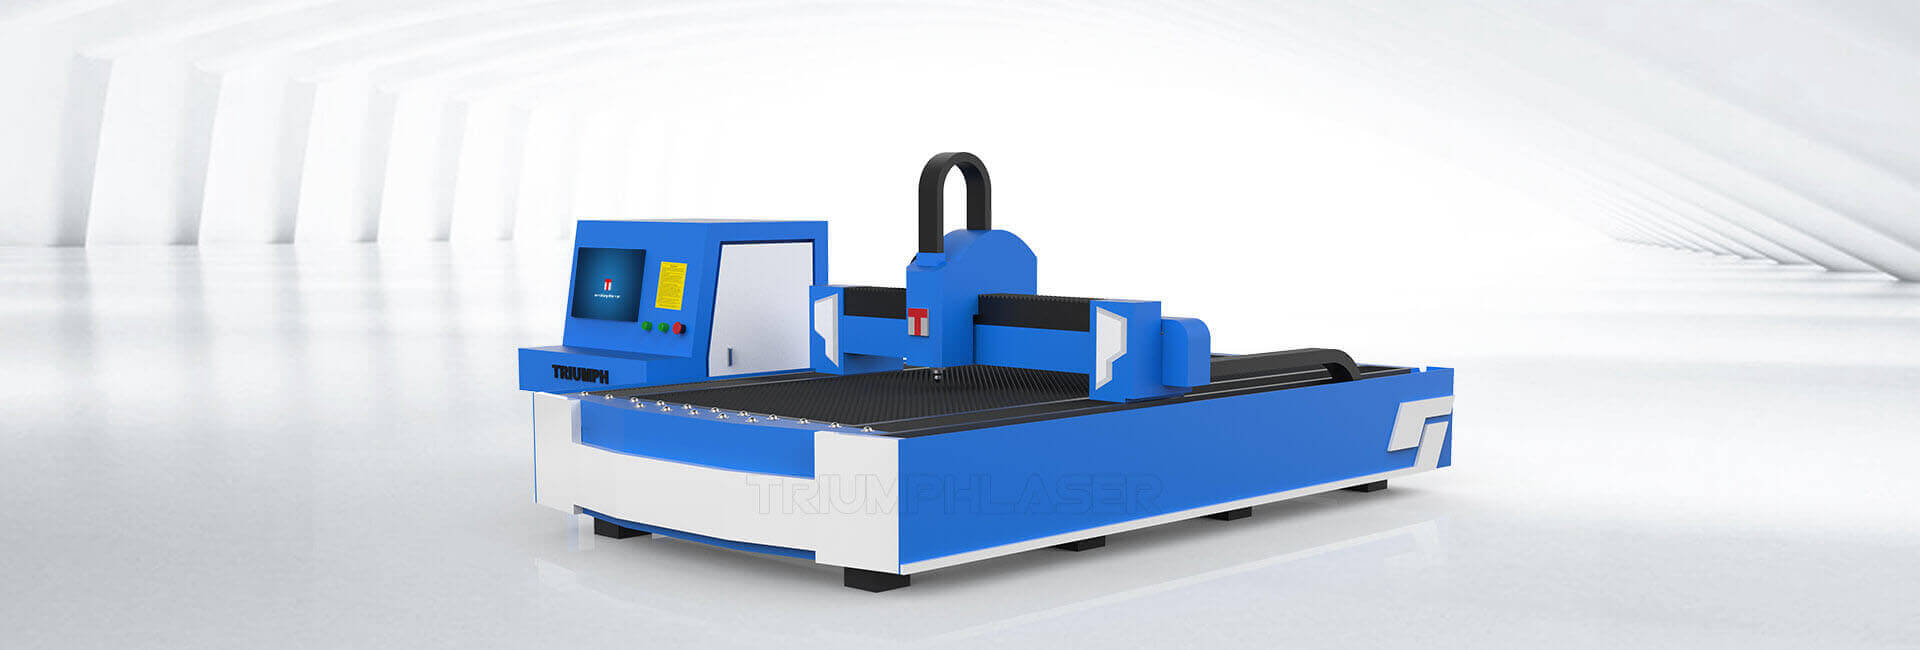 Advertising fiber laser cutting machine B-series